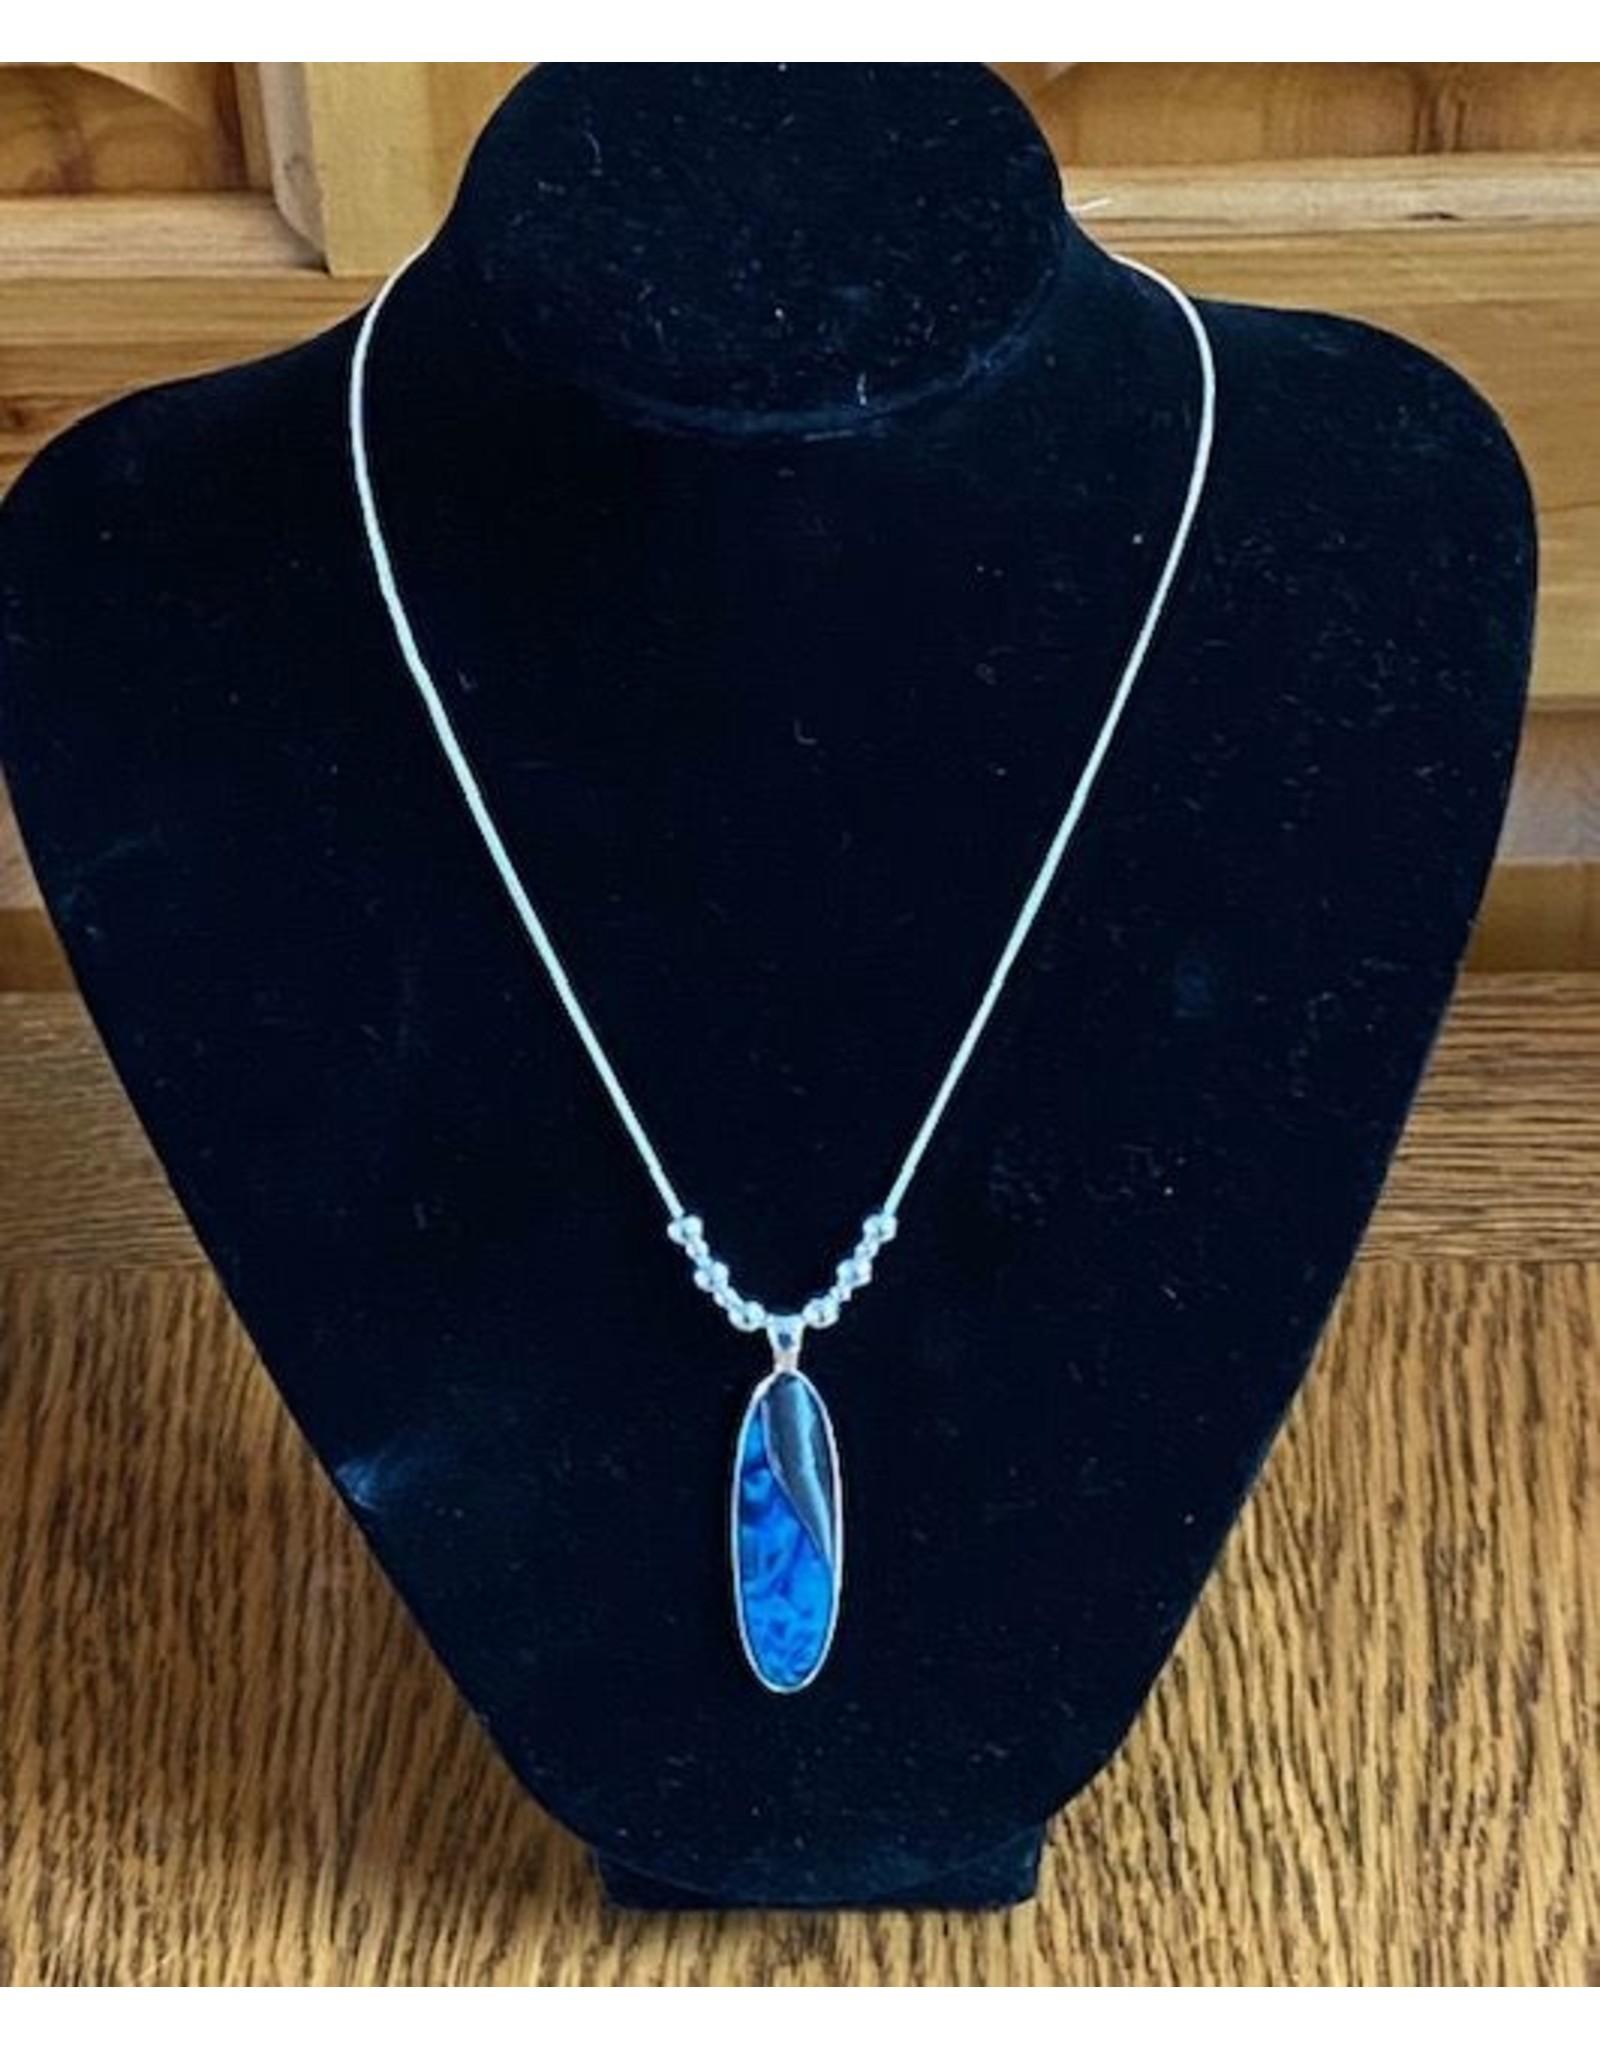 Blue Ocean Necklace & Earrings Set